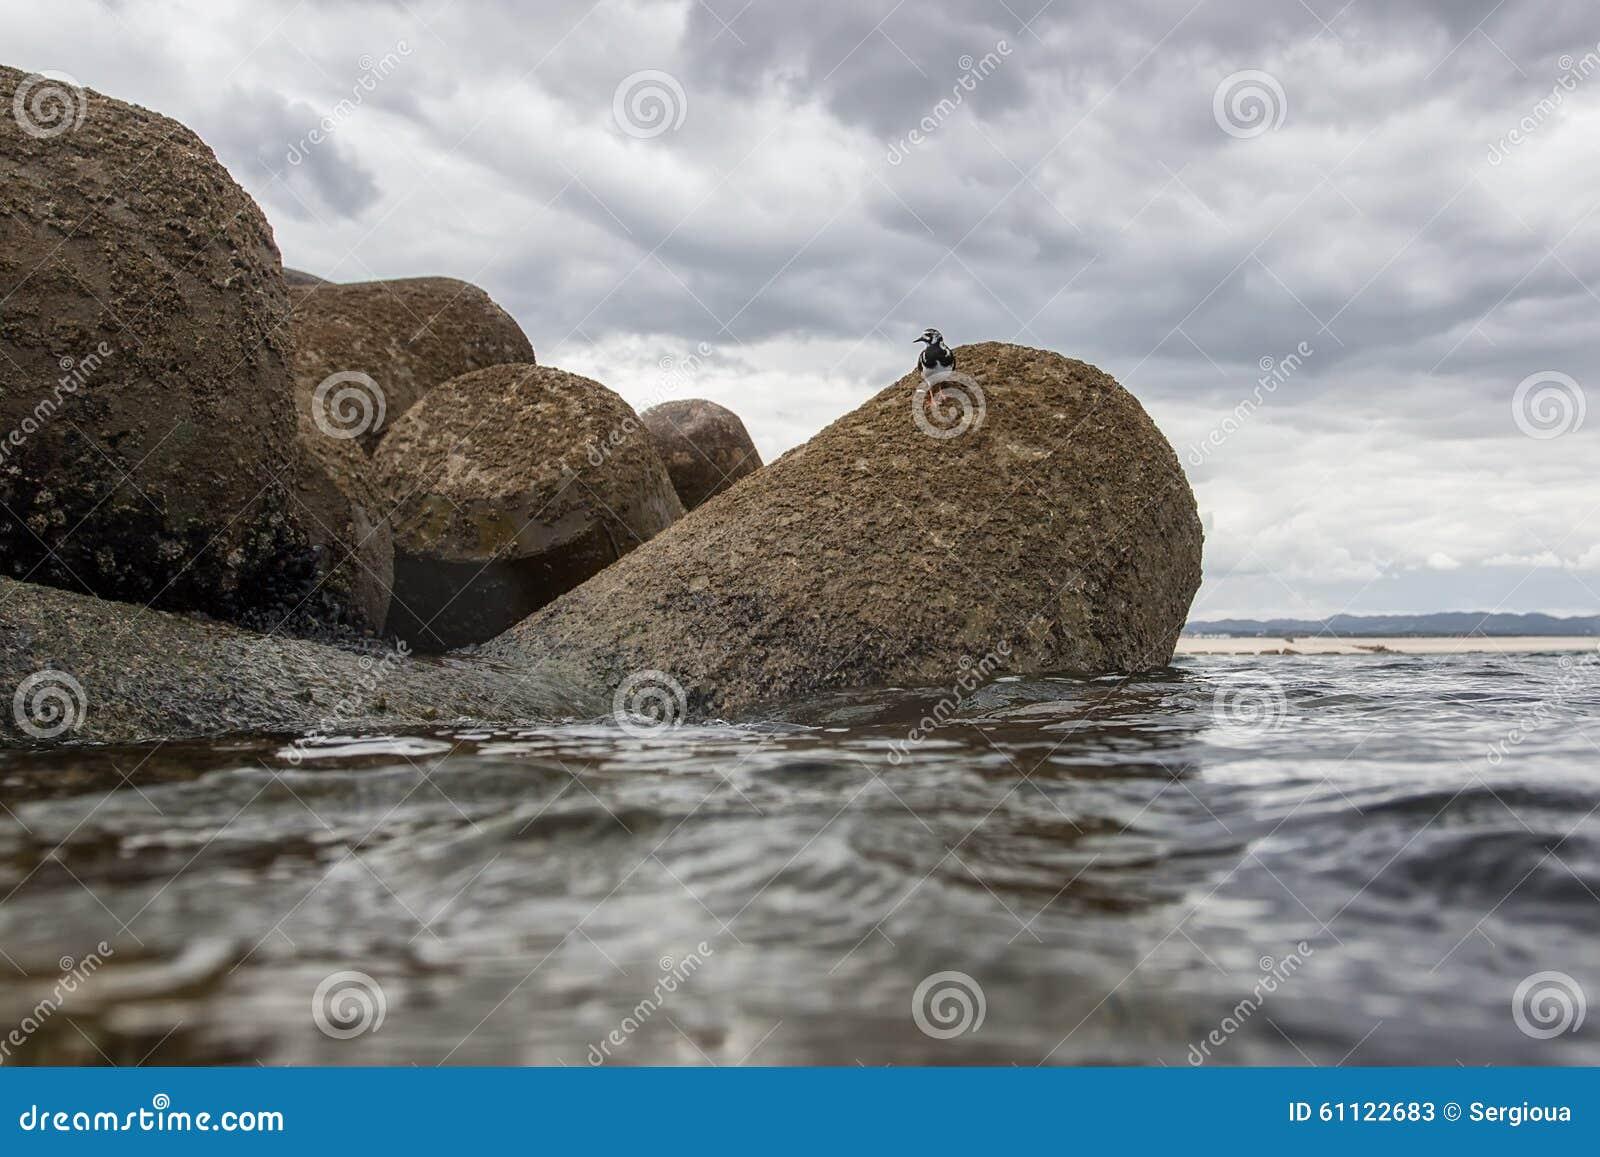 Actitishypoleucos die op de stenen van de Atlantische Oceaan lopen